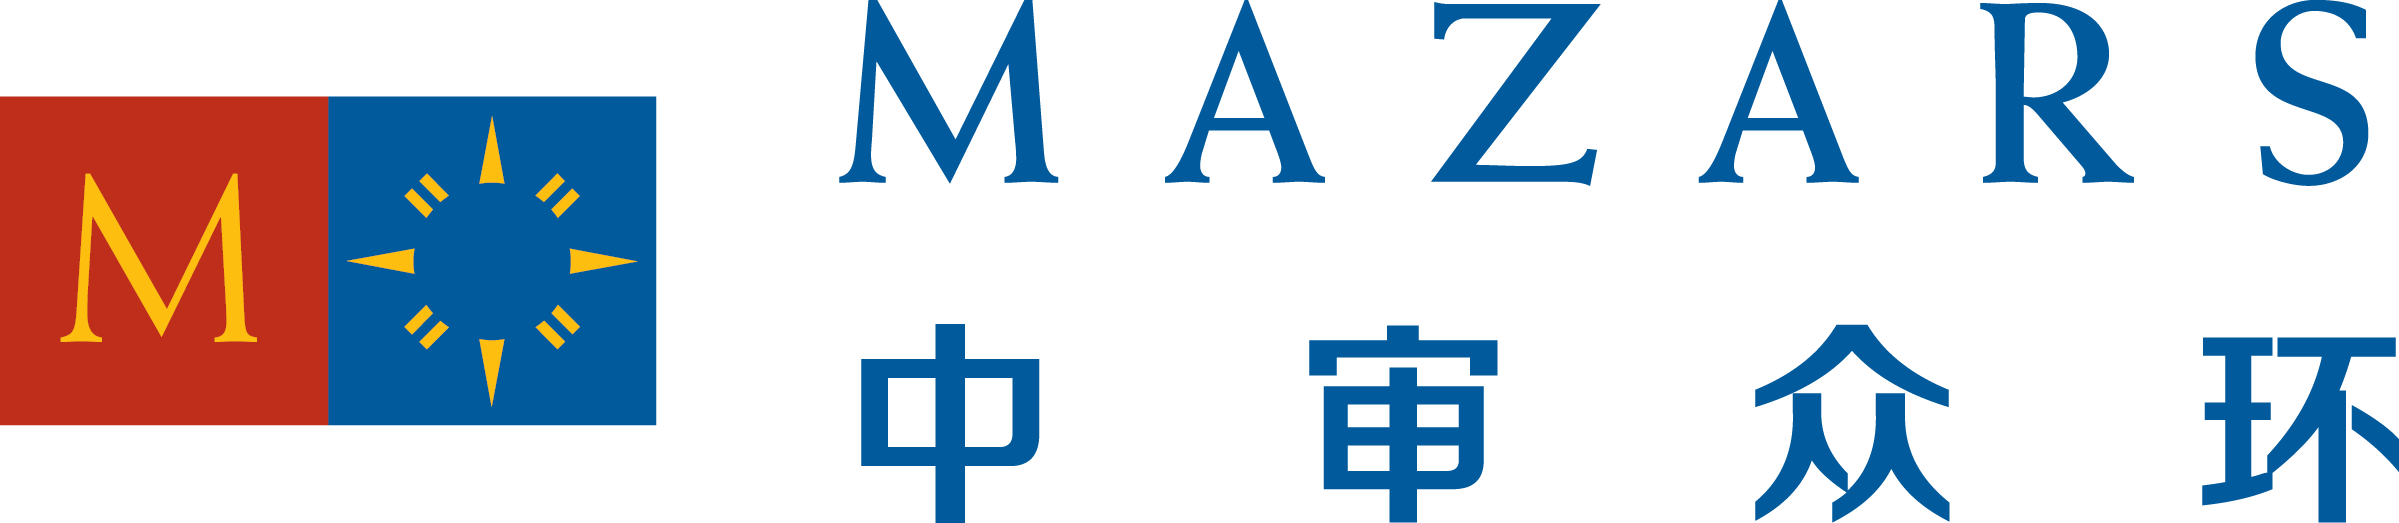 玛泽咨询(上海)有限公司Senior Consultant(Japanese Desk)日企招聘信息